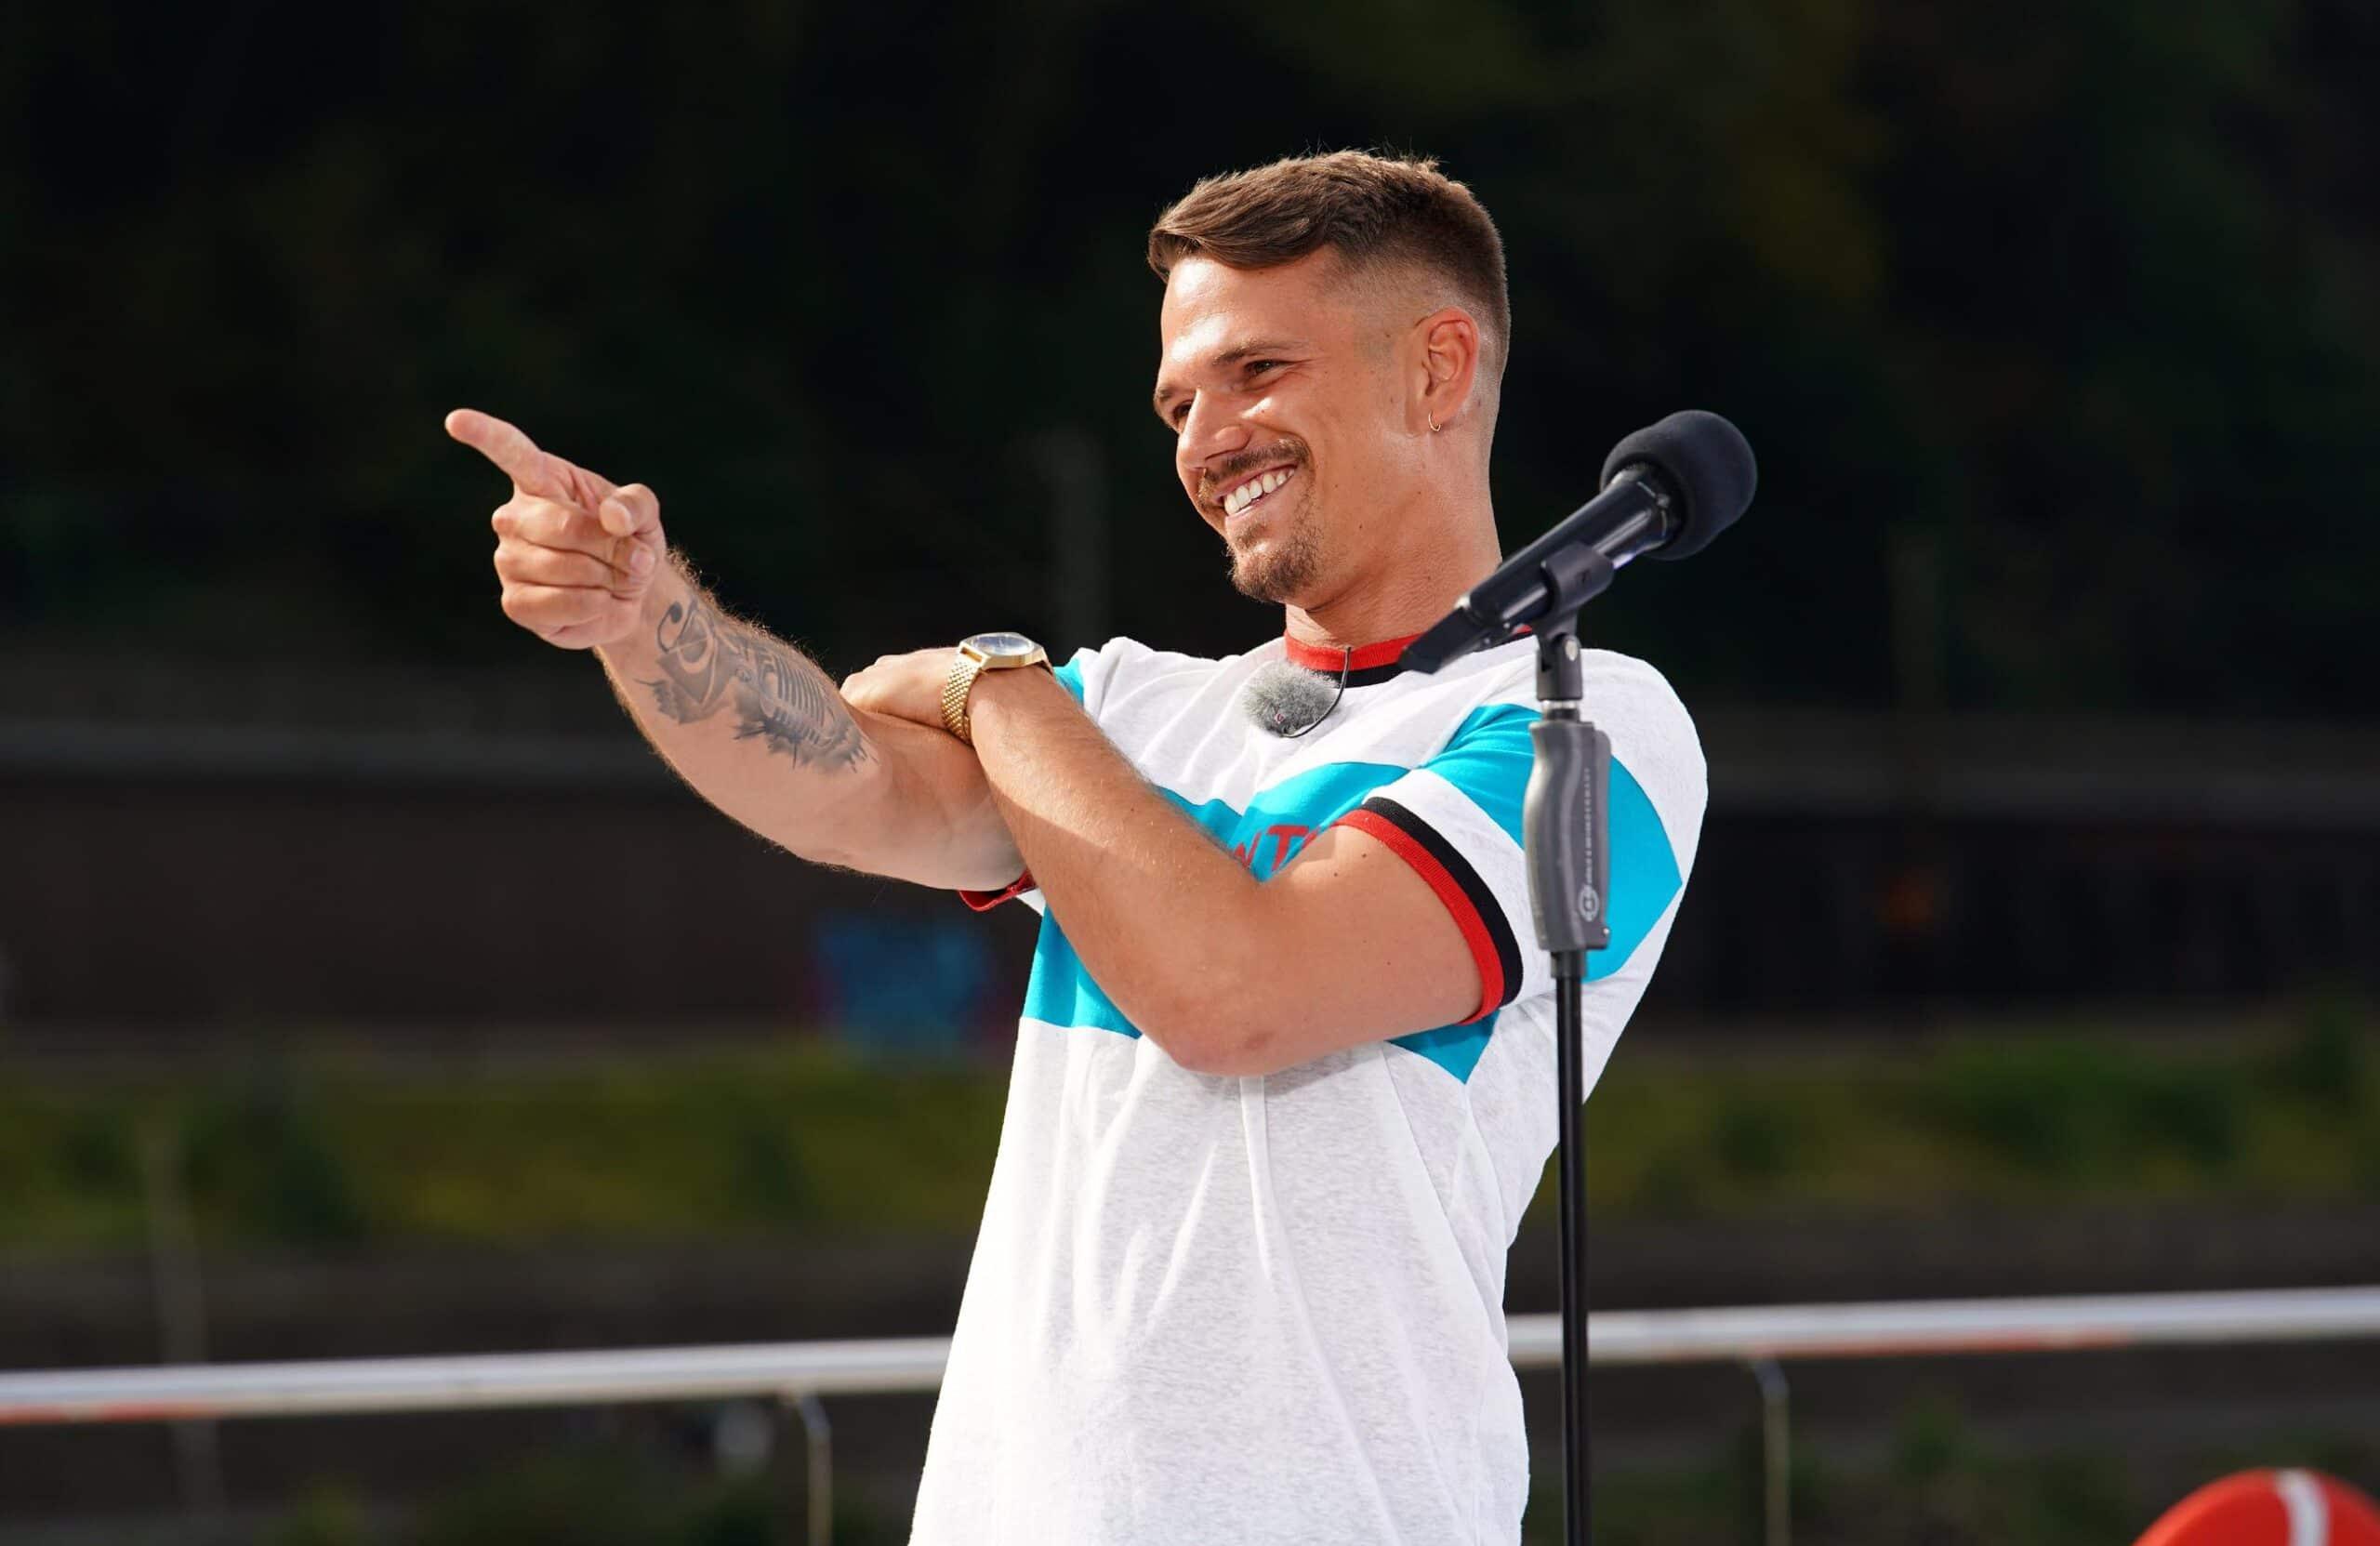 Christian Schlotter Deutschland sucht den Superstar